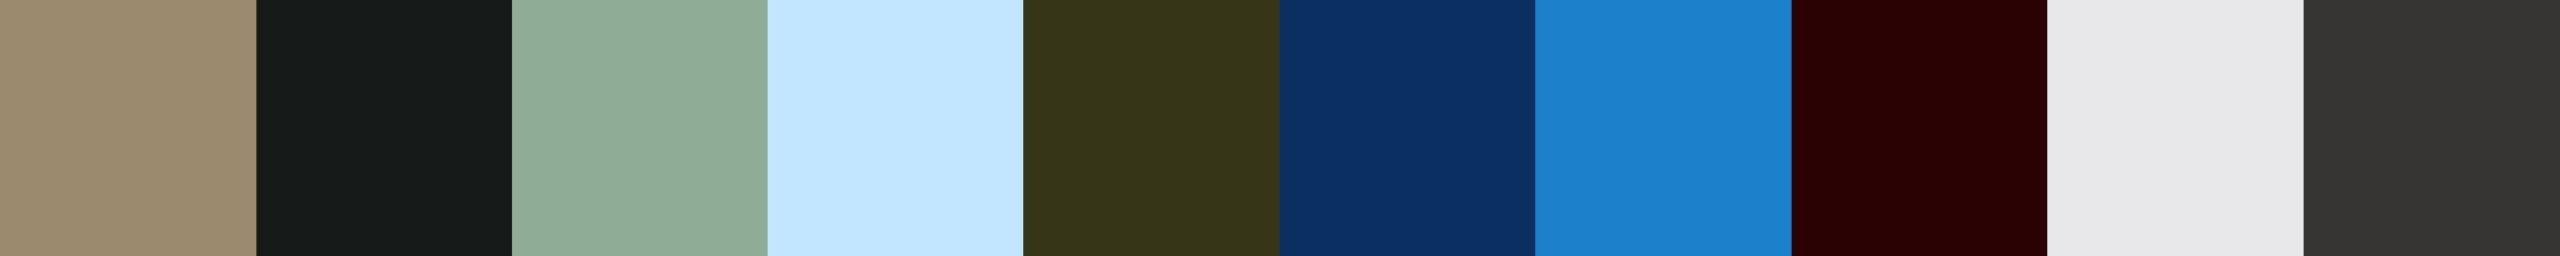 152 Basivata Color Palette